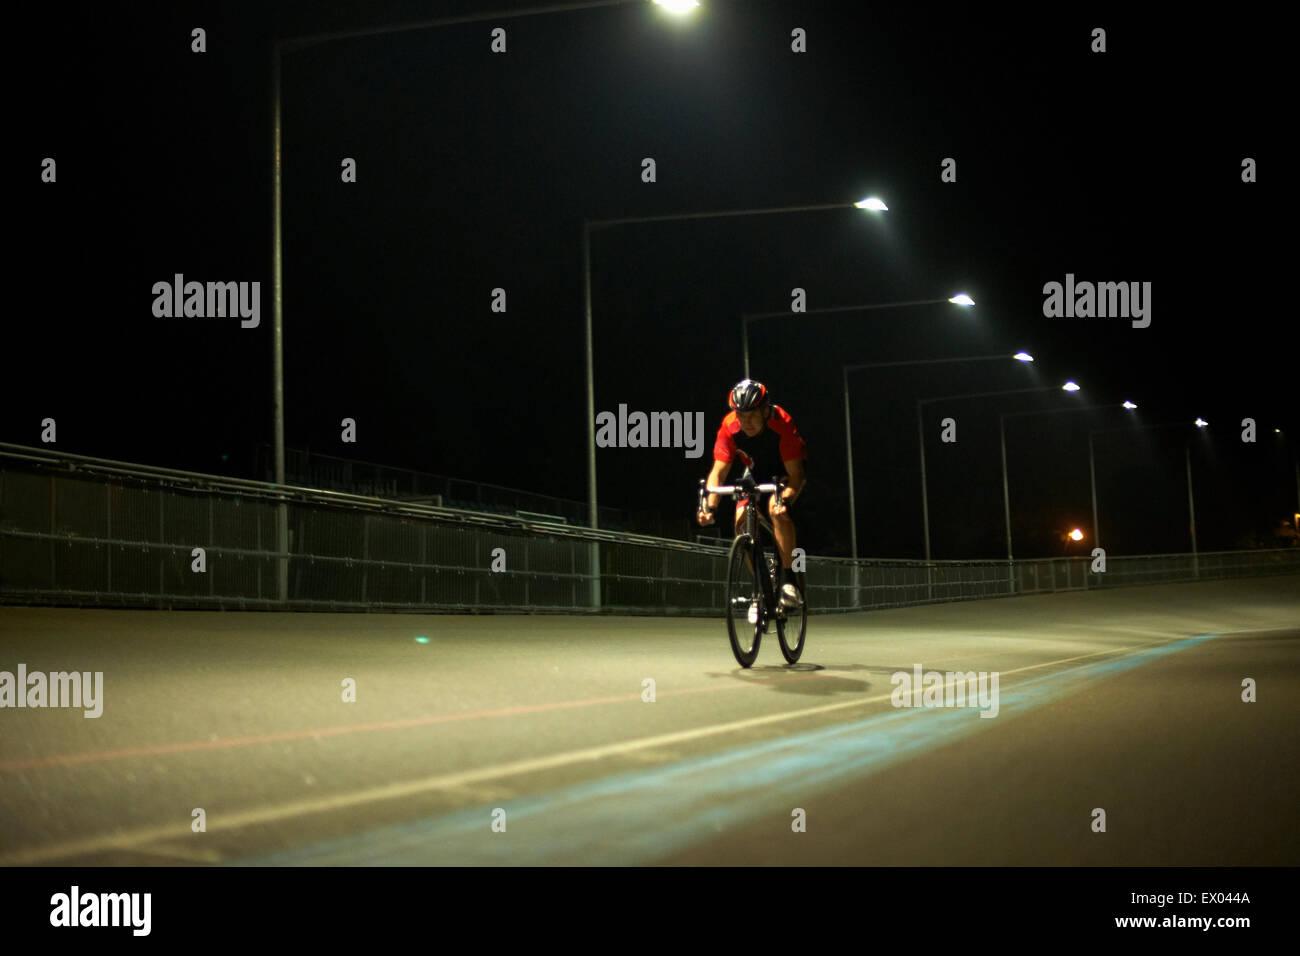 Vélo Cycliste sur piste à l'extérieur, vélodrome Photo Stock